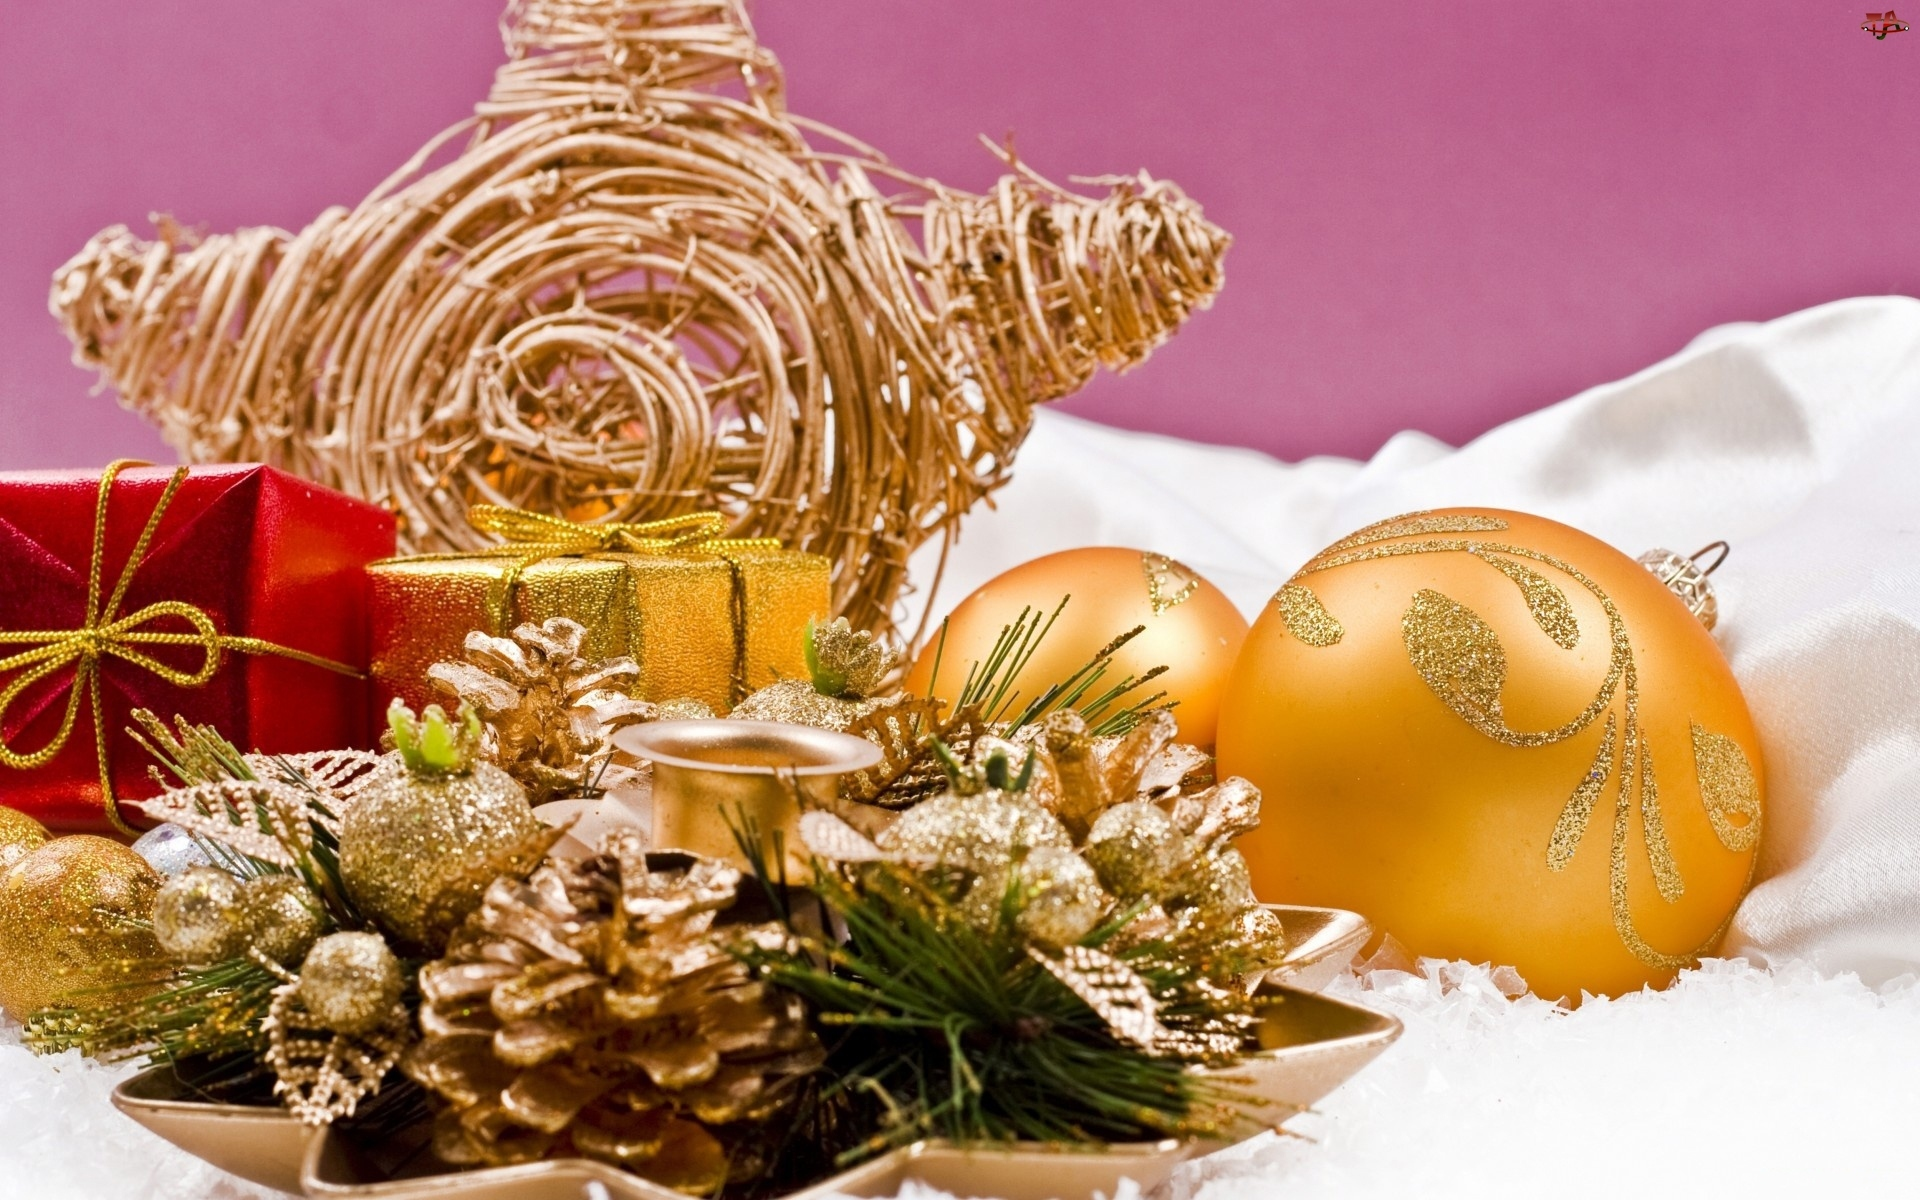 Boże Narodzenie, Szyszki, Kompozycja, Bombki